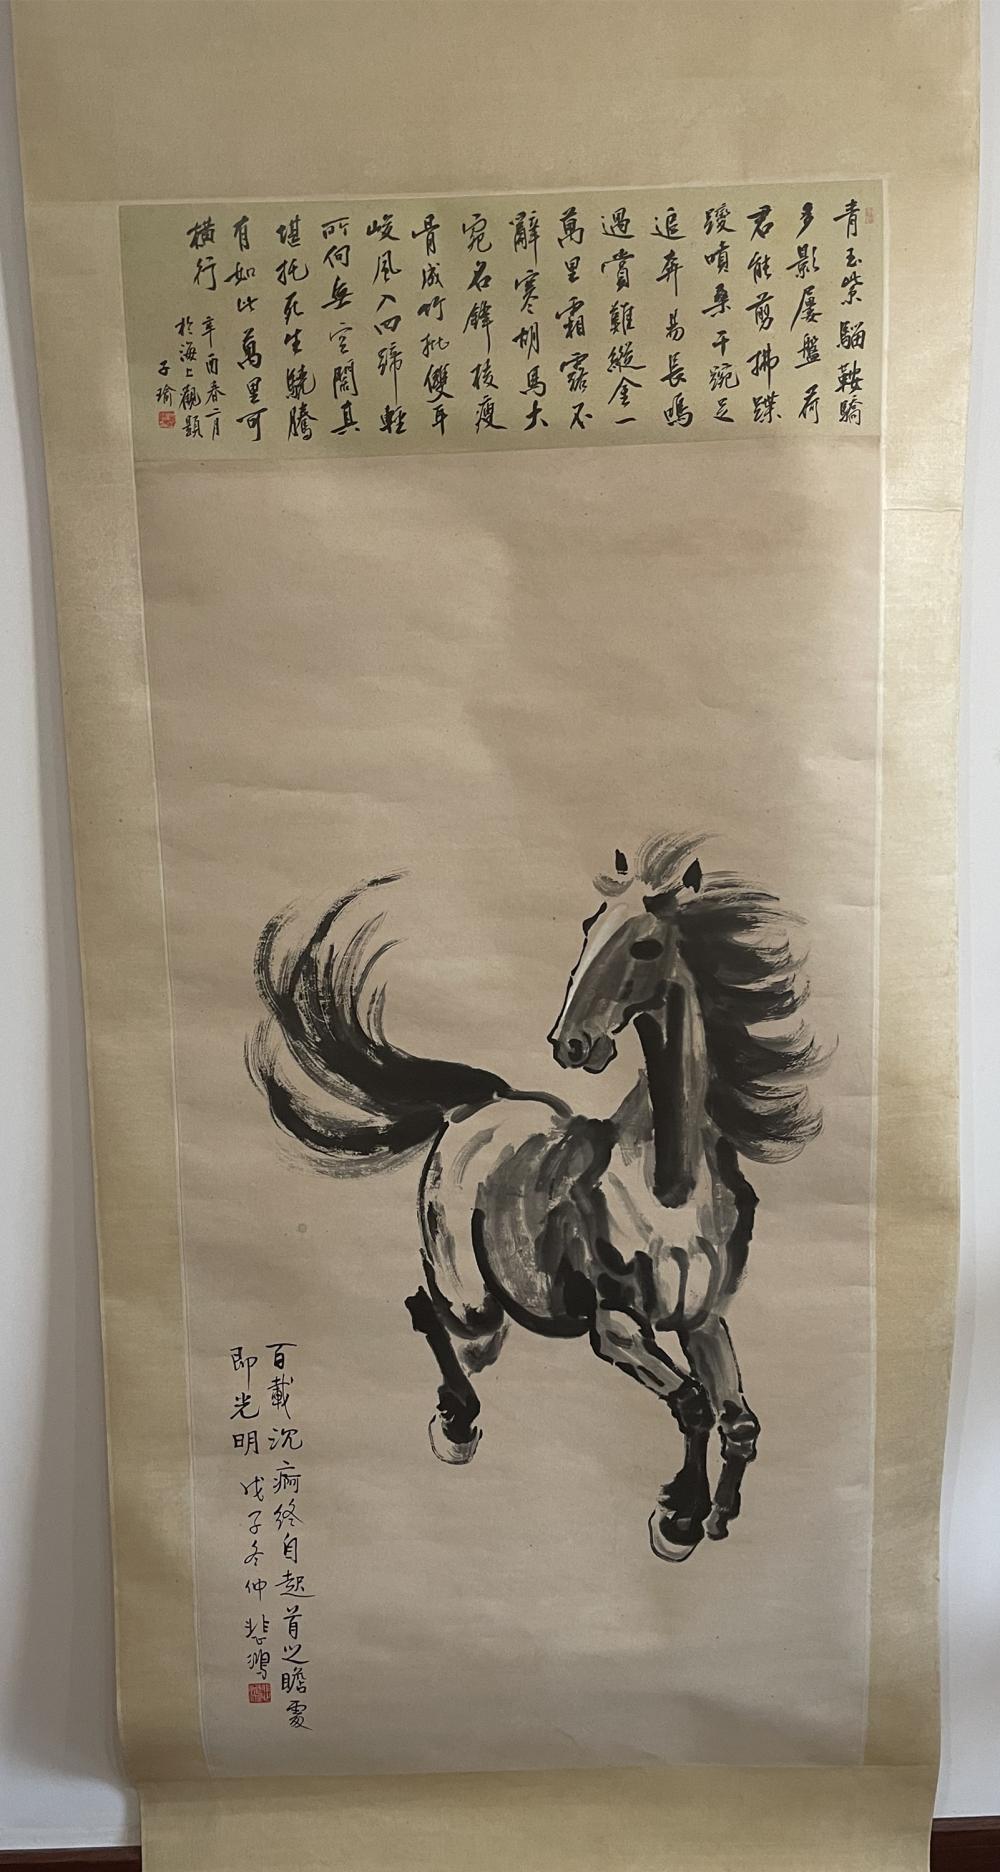 Xu Beihong, Galloping Horse